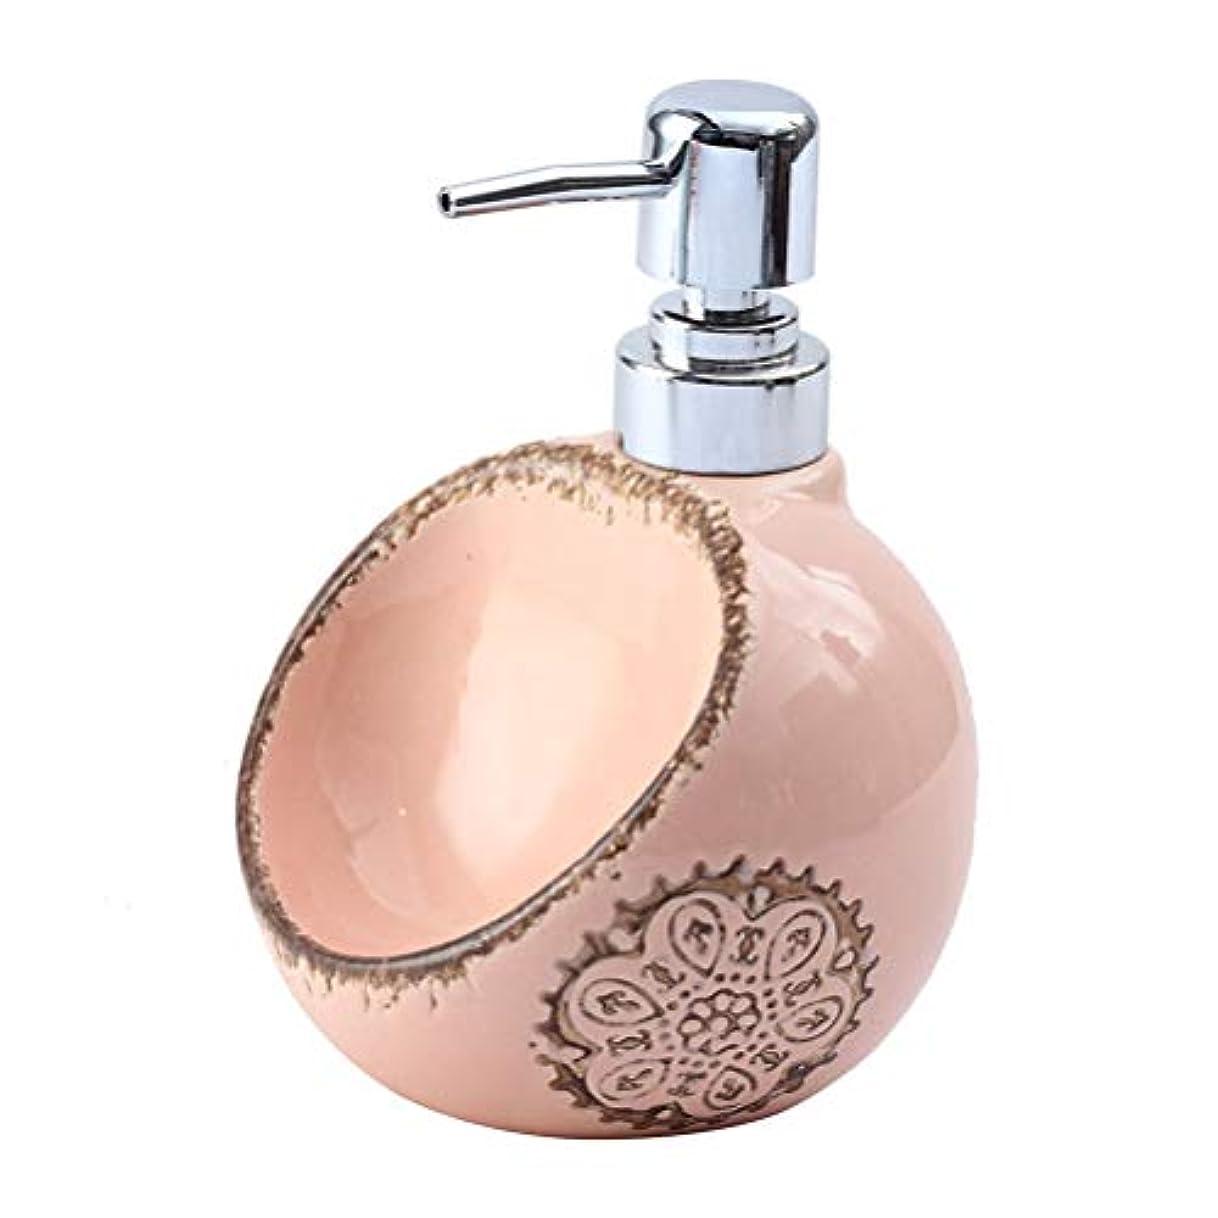 工夫するグラフィック途方もない250ML / 420ML / 580MLクリエイティブセラミックソープディスペンサーデュアルユース洗剤ハンドスポンジシート浴ボトルサブ瓶と瓶消毒 (Size : A)